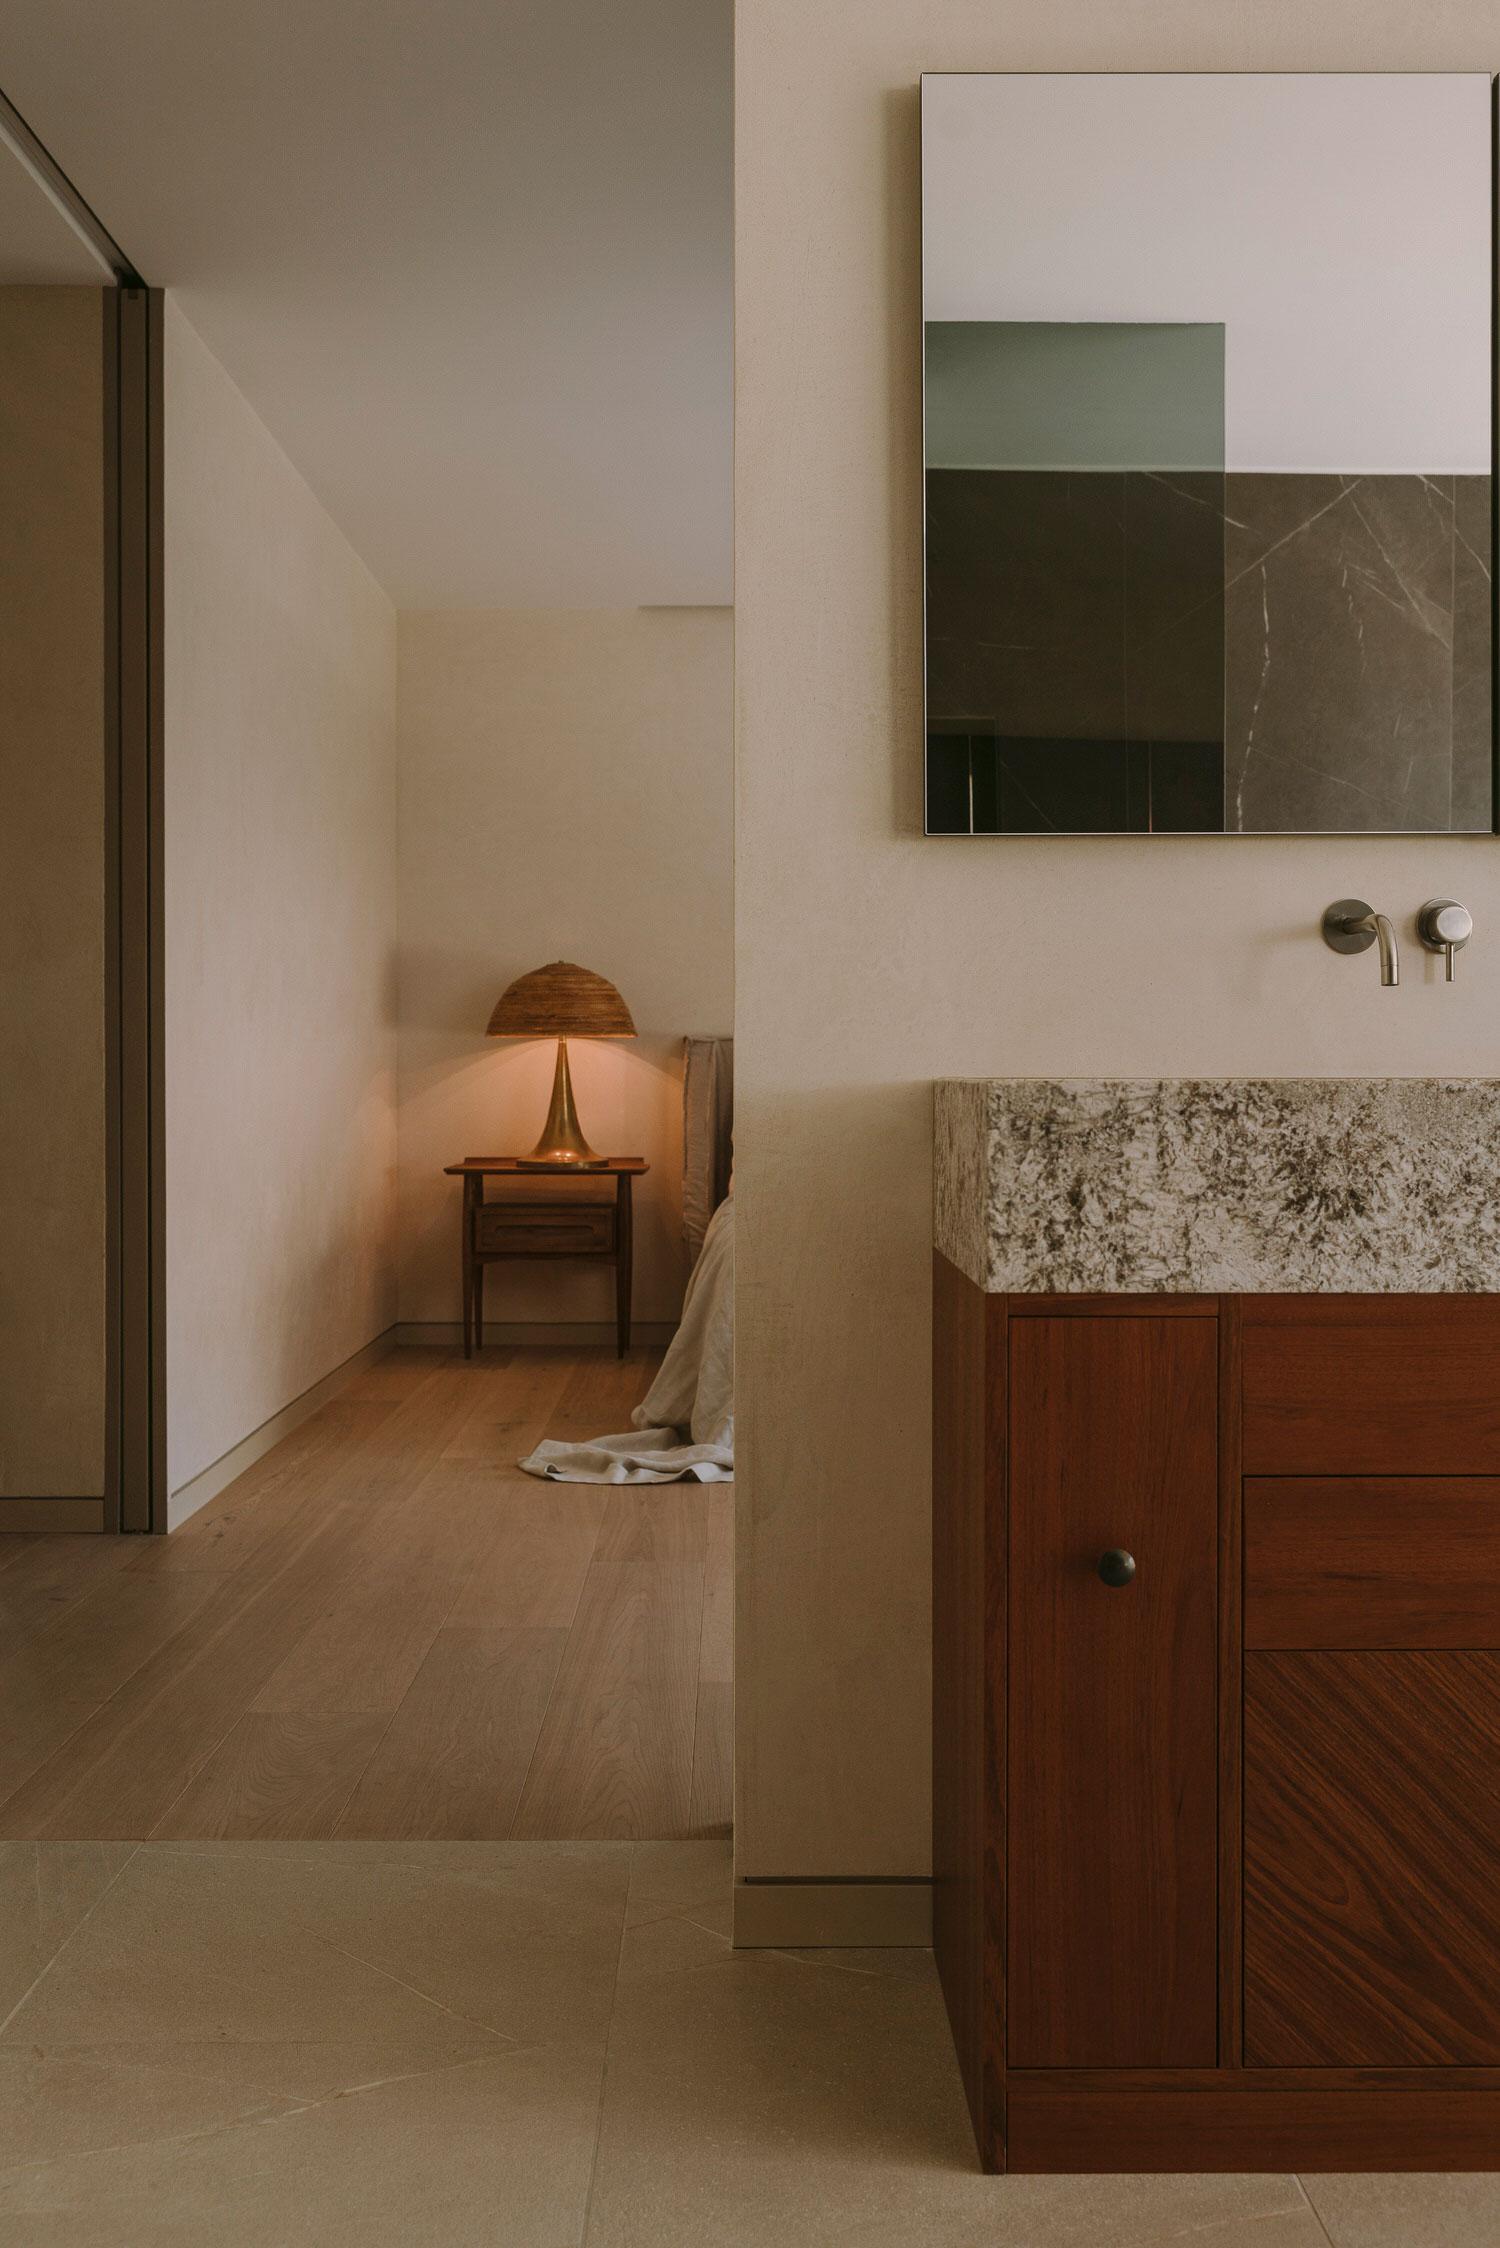 Paradowski Studio Pdm House Majorca Photo Pion Studio Yellowtrace 46